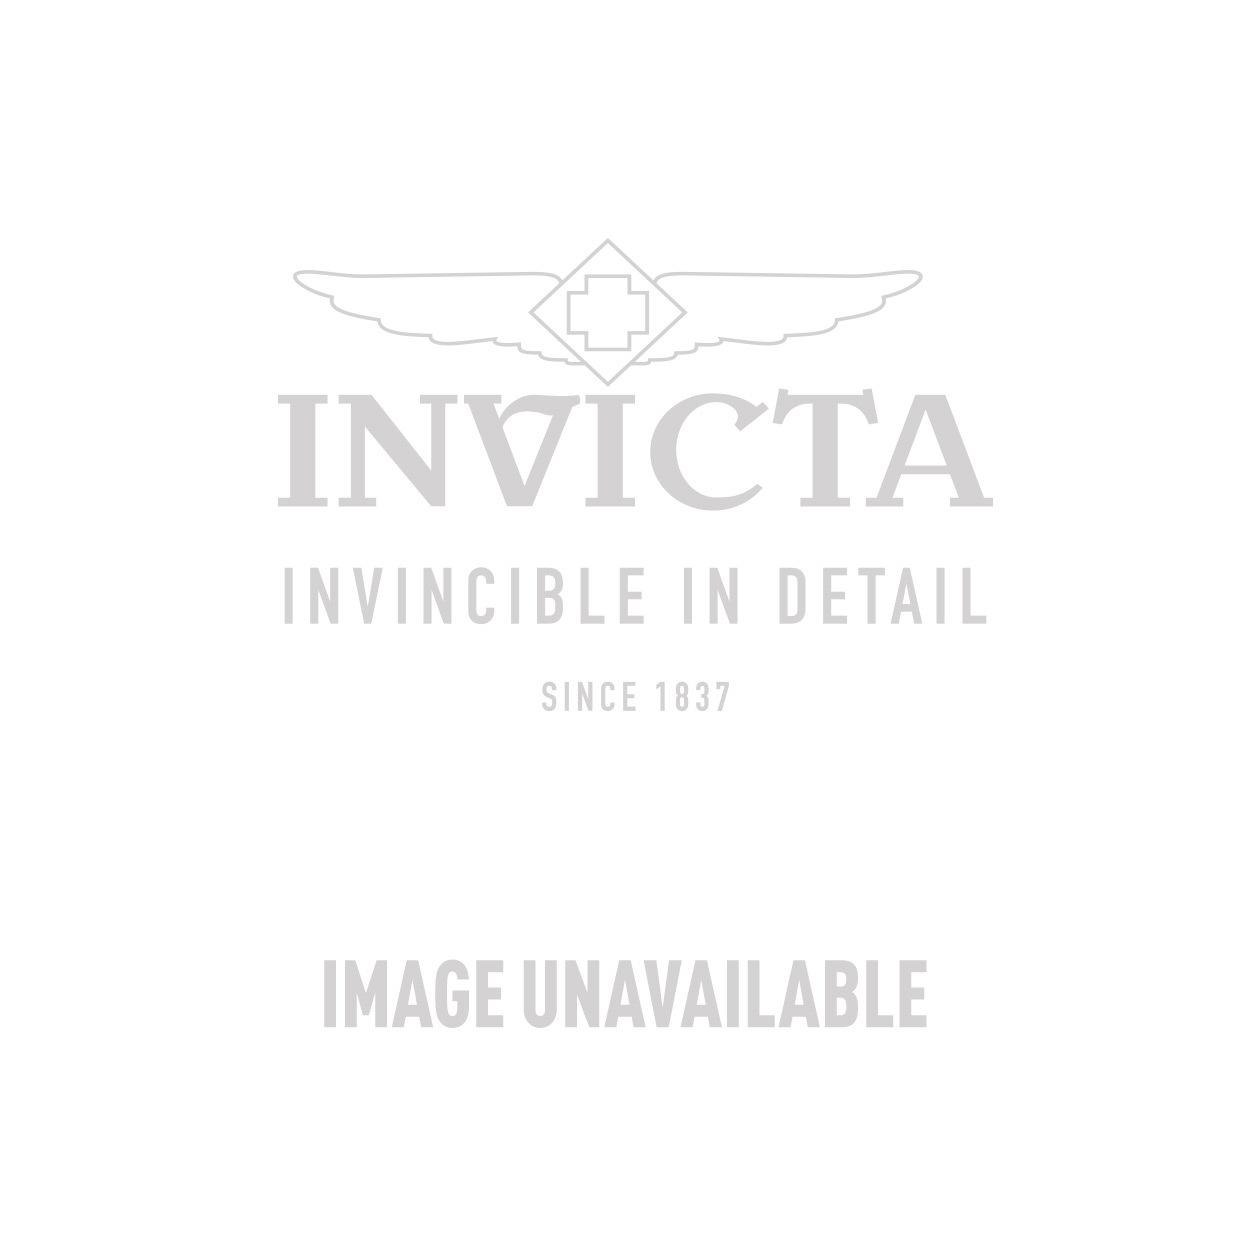 Invicta Model 24461